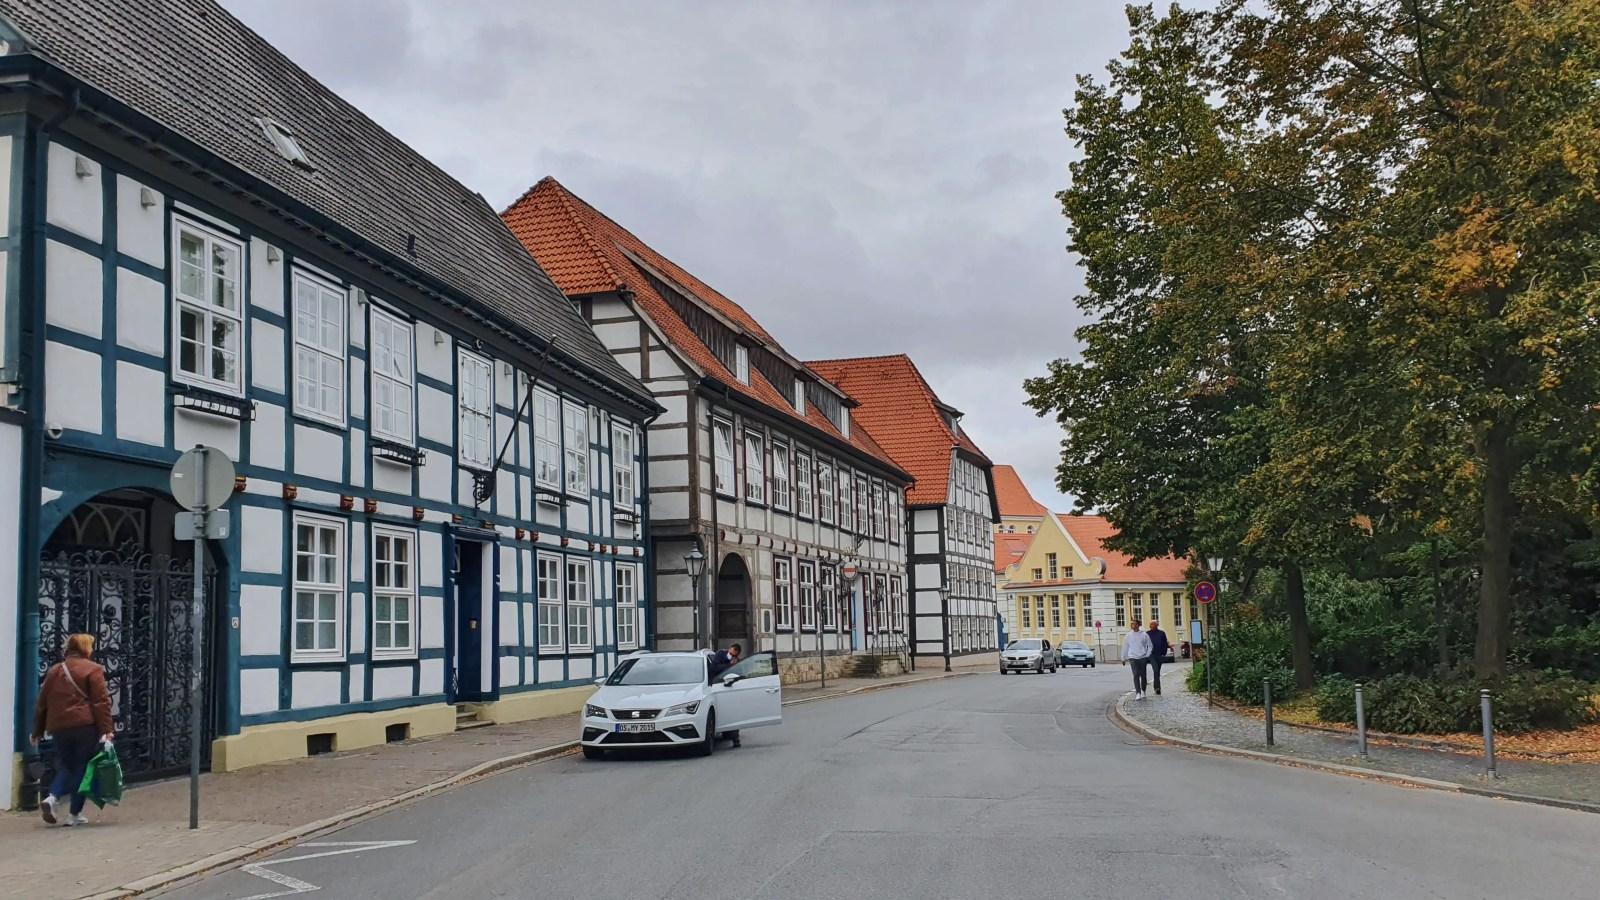 Sehenswürdigkeiten von Herford, Teutoburger Wald, Altstadt von Herford, Fachwerk in Ostwestfalen